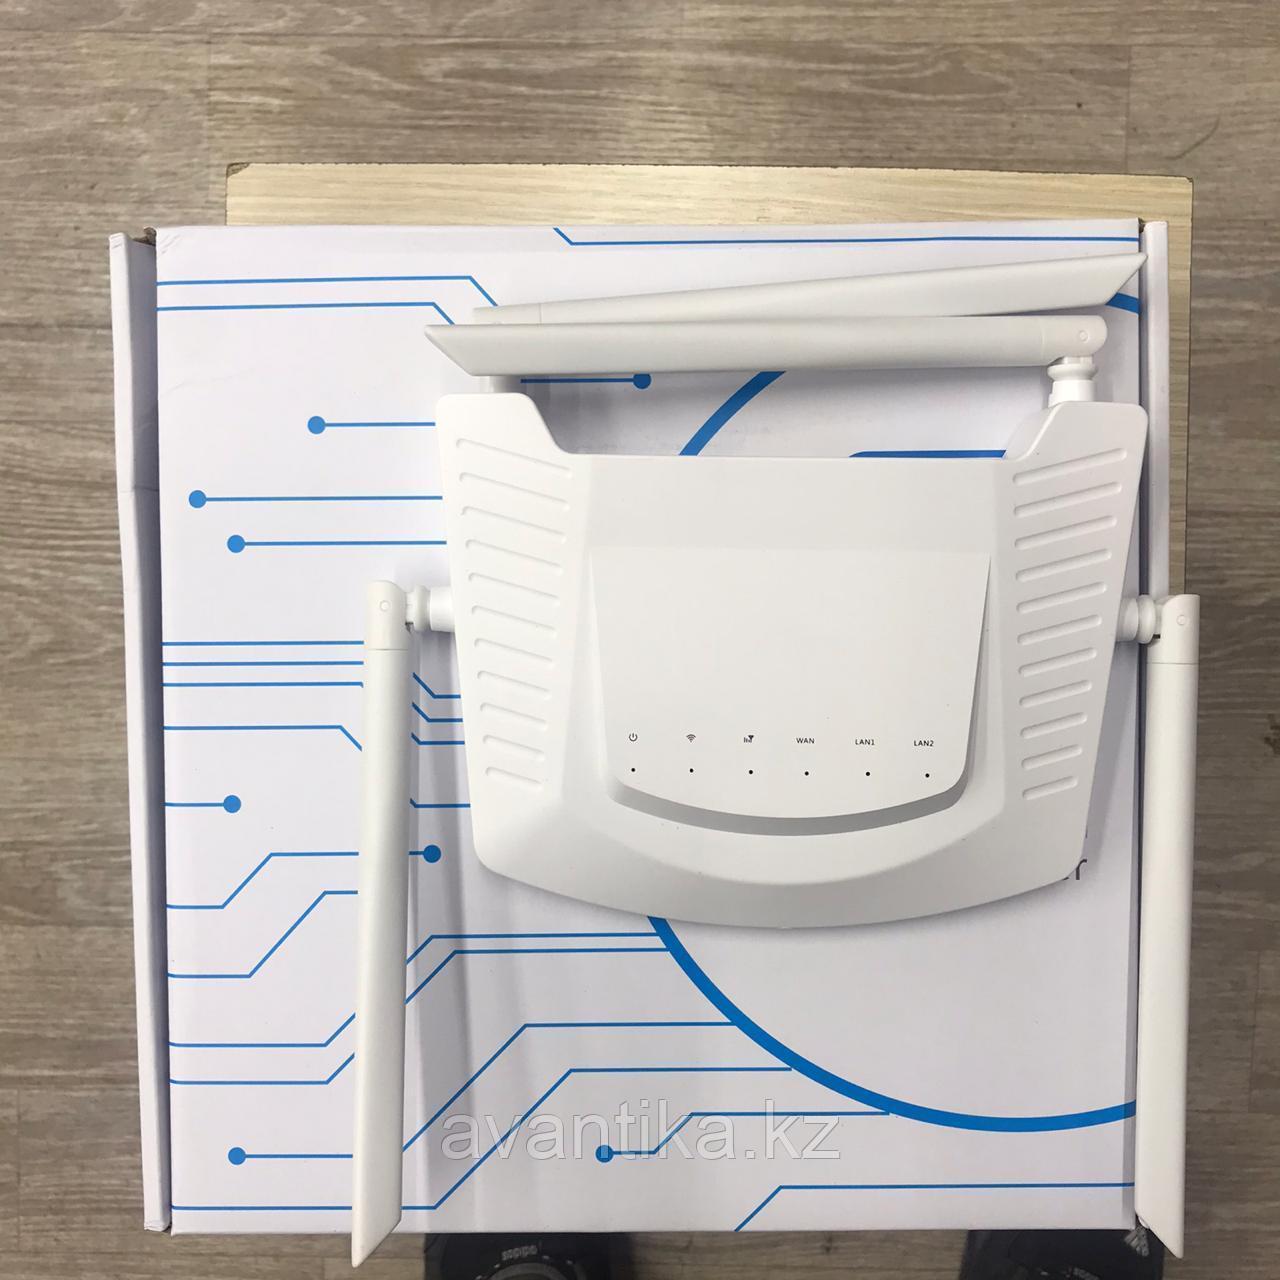 4G модем от симкарты YC901 - фото 4